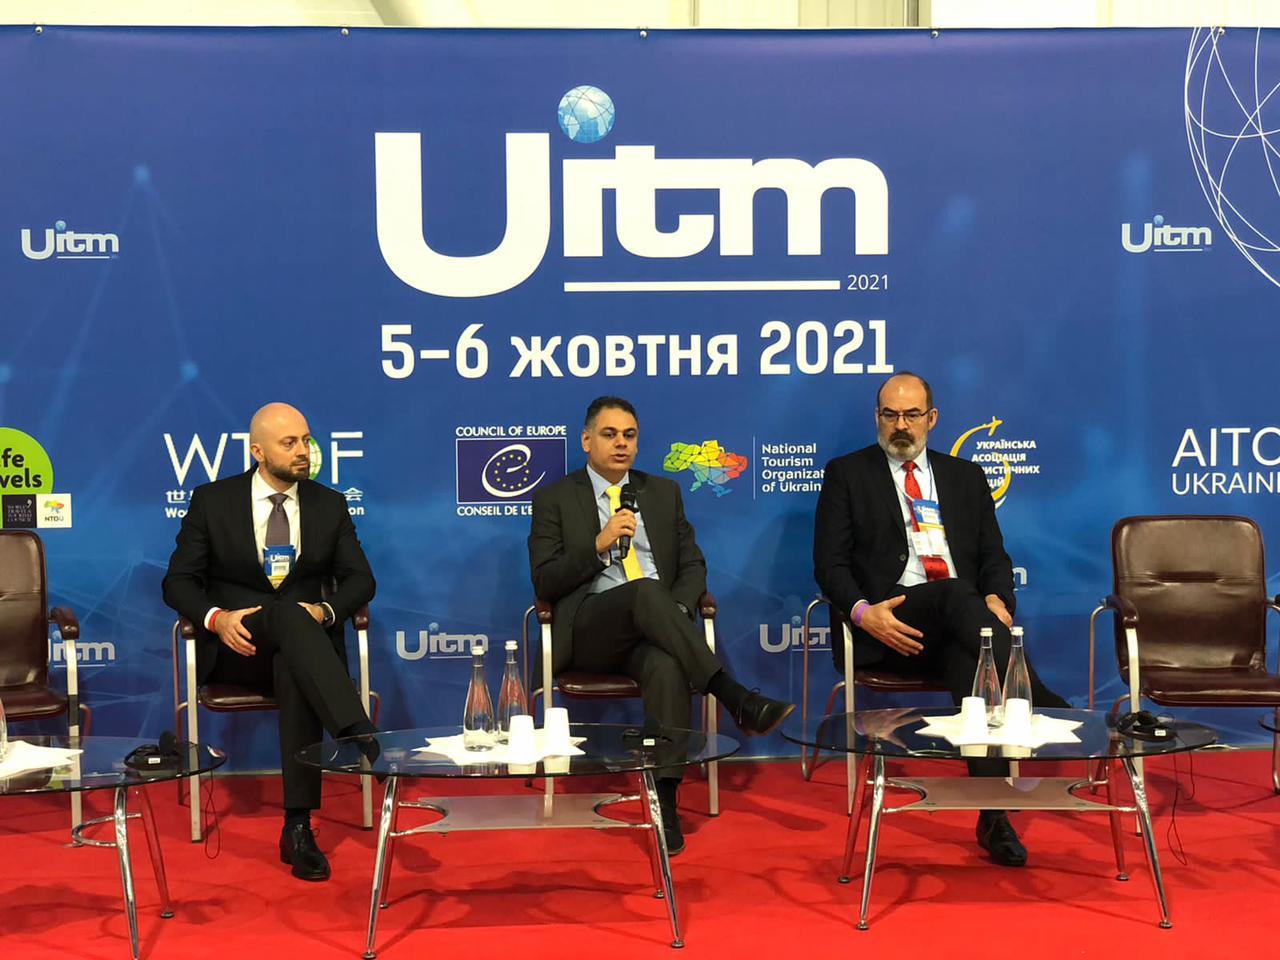 وزارة السياحة والآثار تشارك في معرض UITM